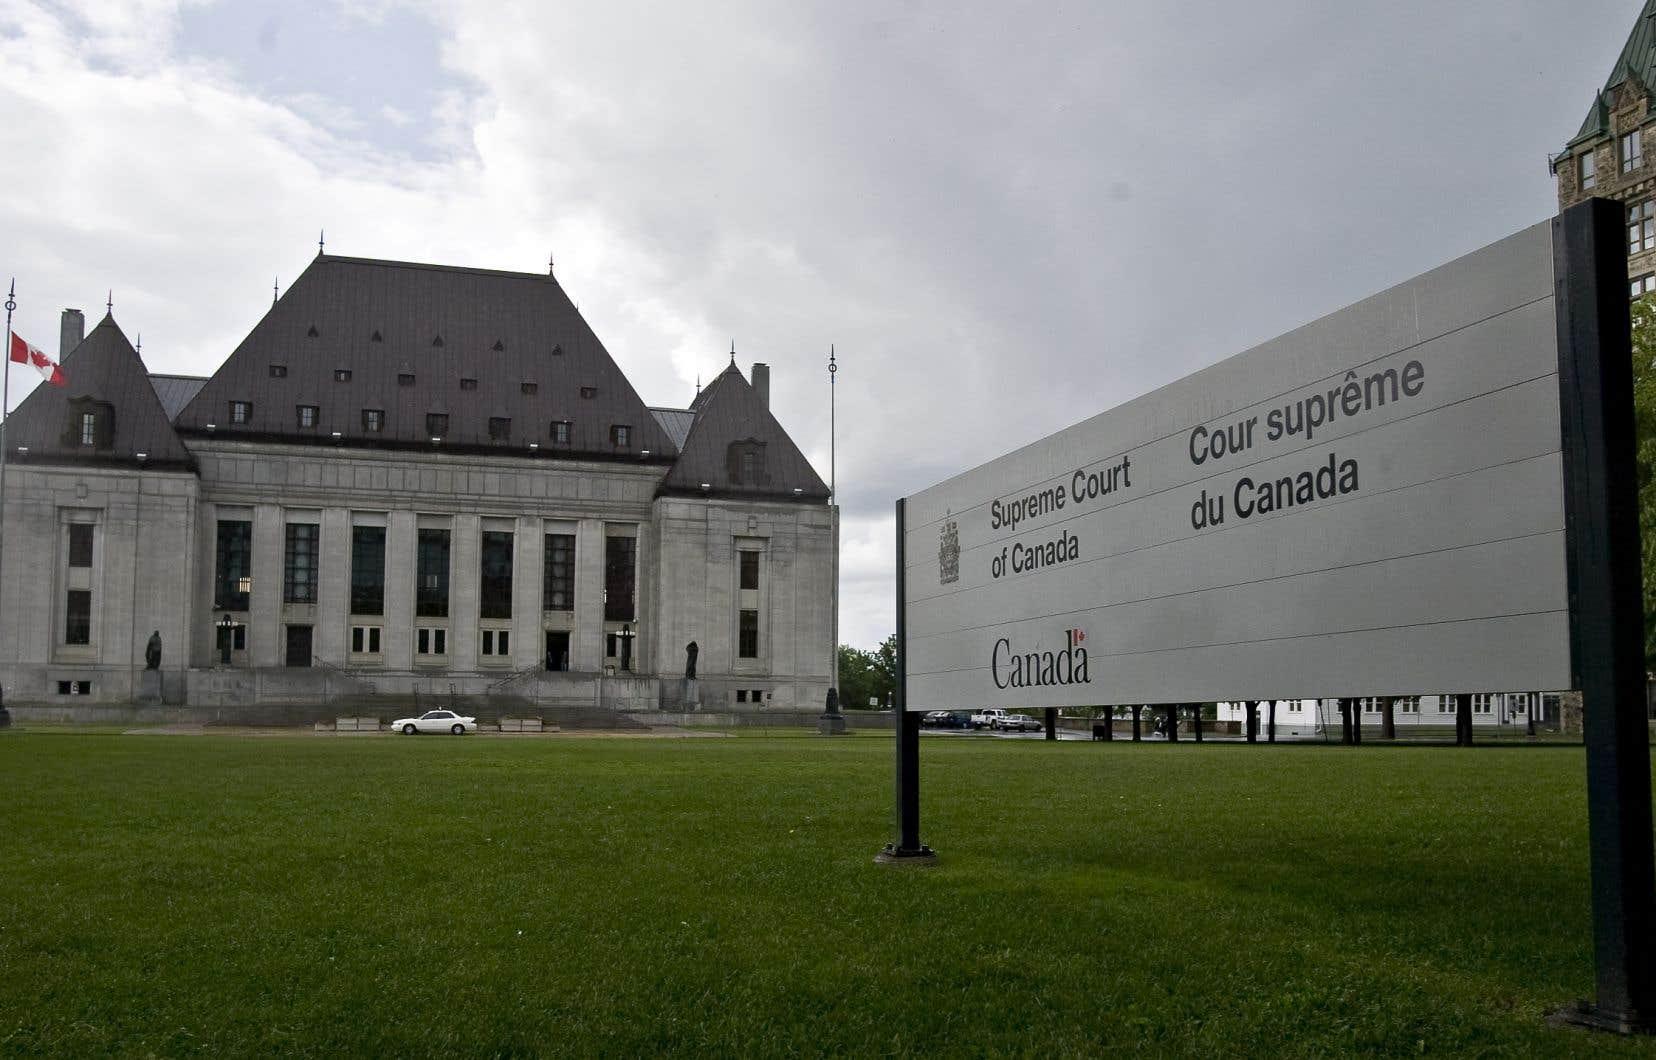 Les juges majoritaires ont conclu que la loi portait atteinte au droit à l'égalité garanti par l'article15 de la Charte canadienne des droits et libertés.